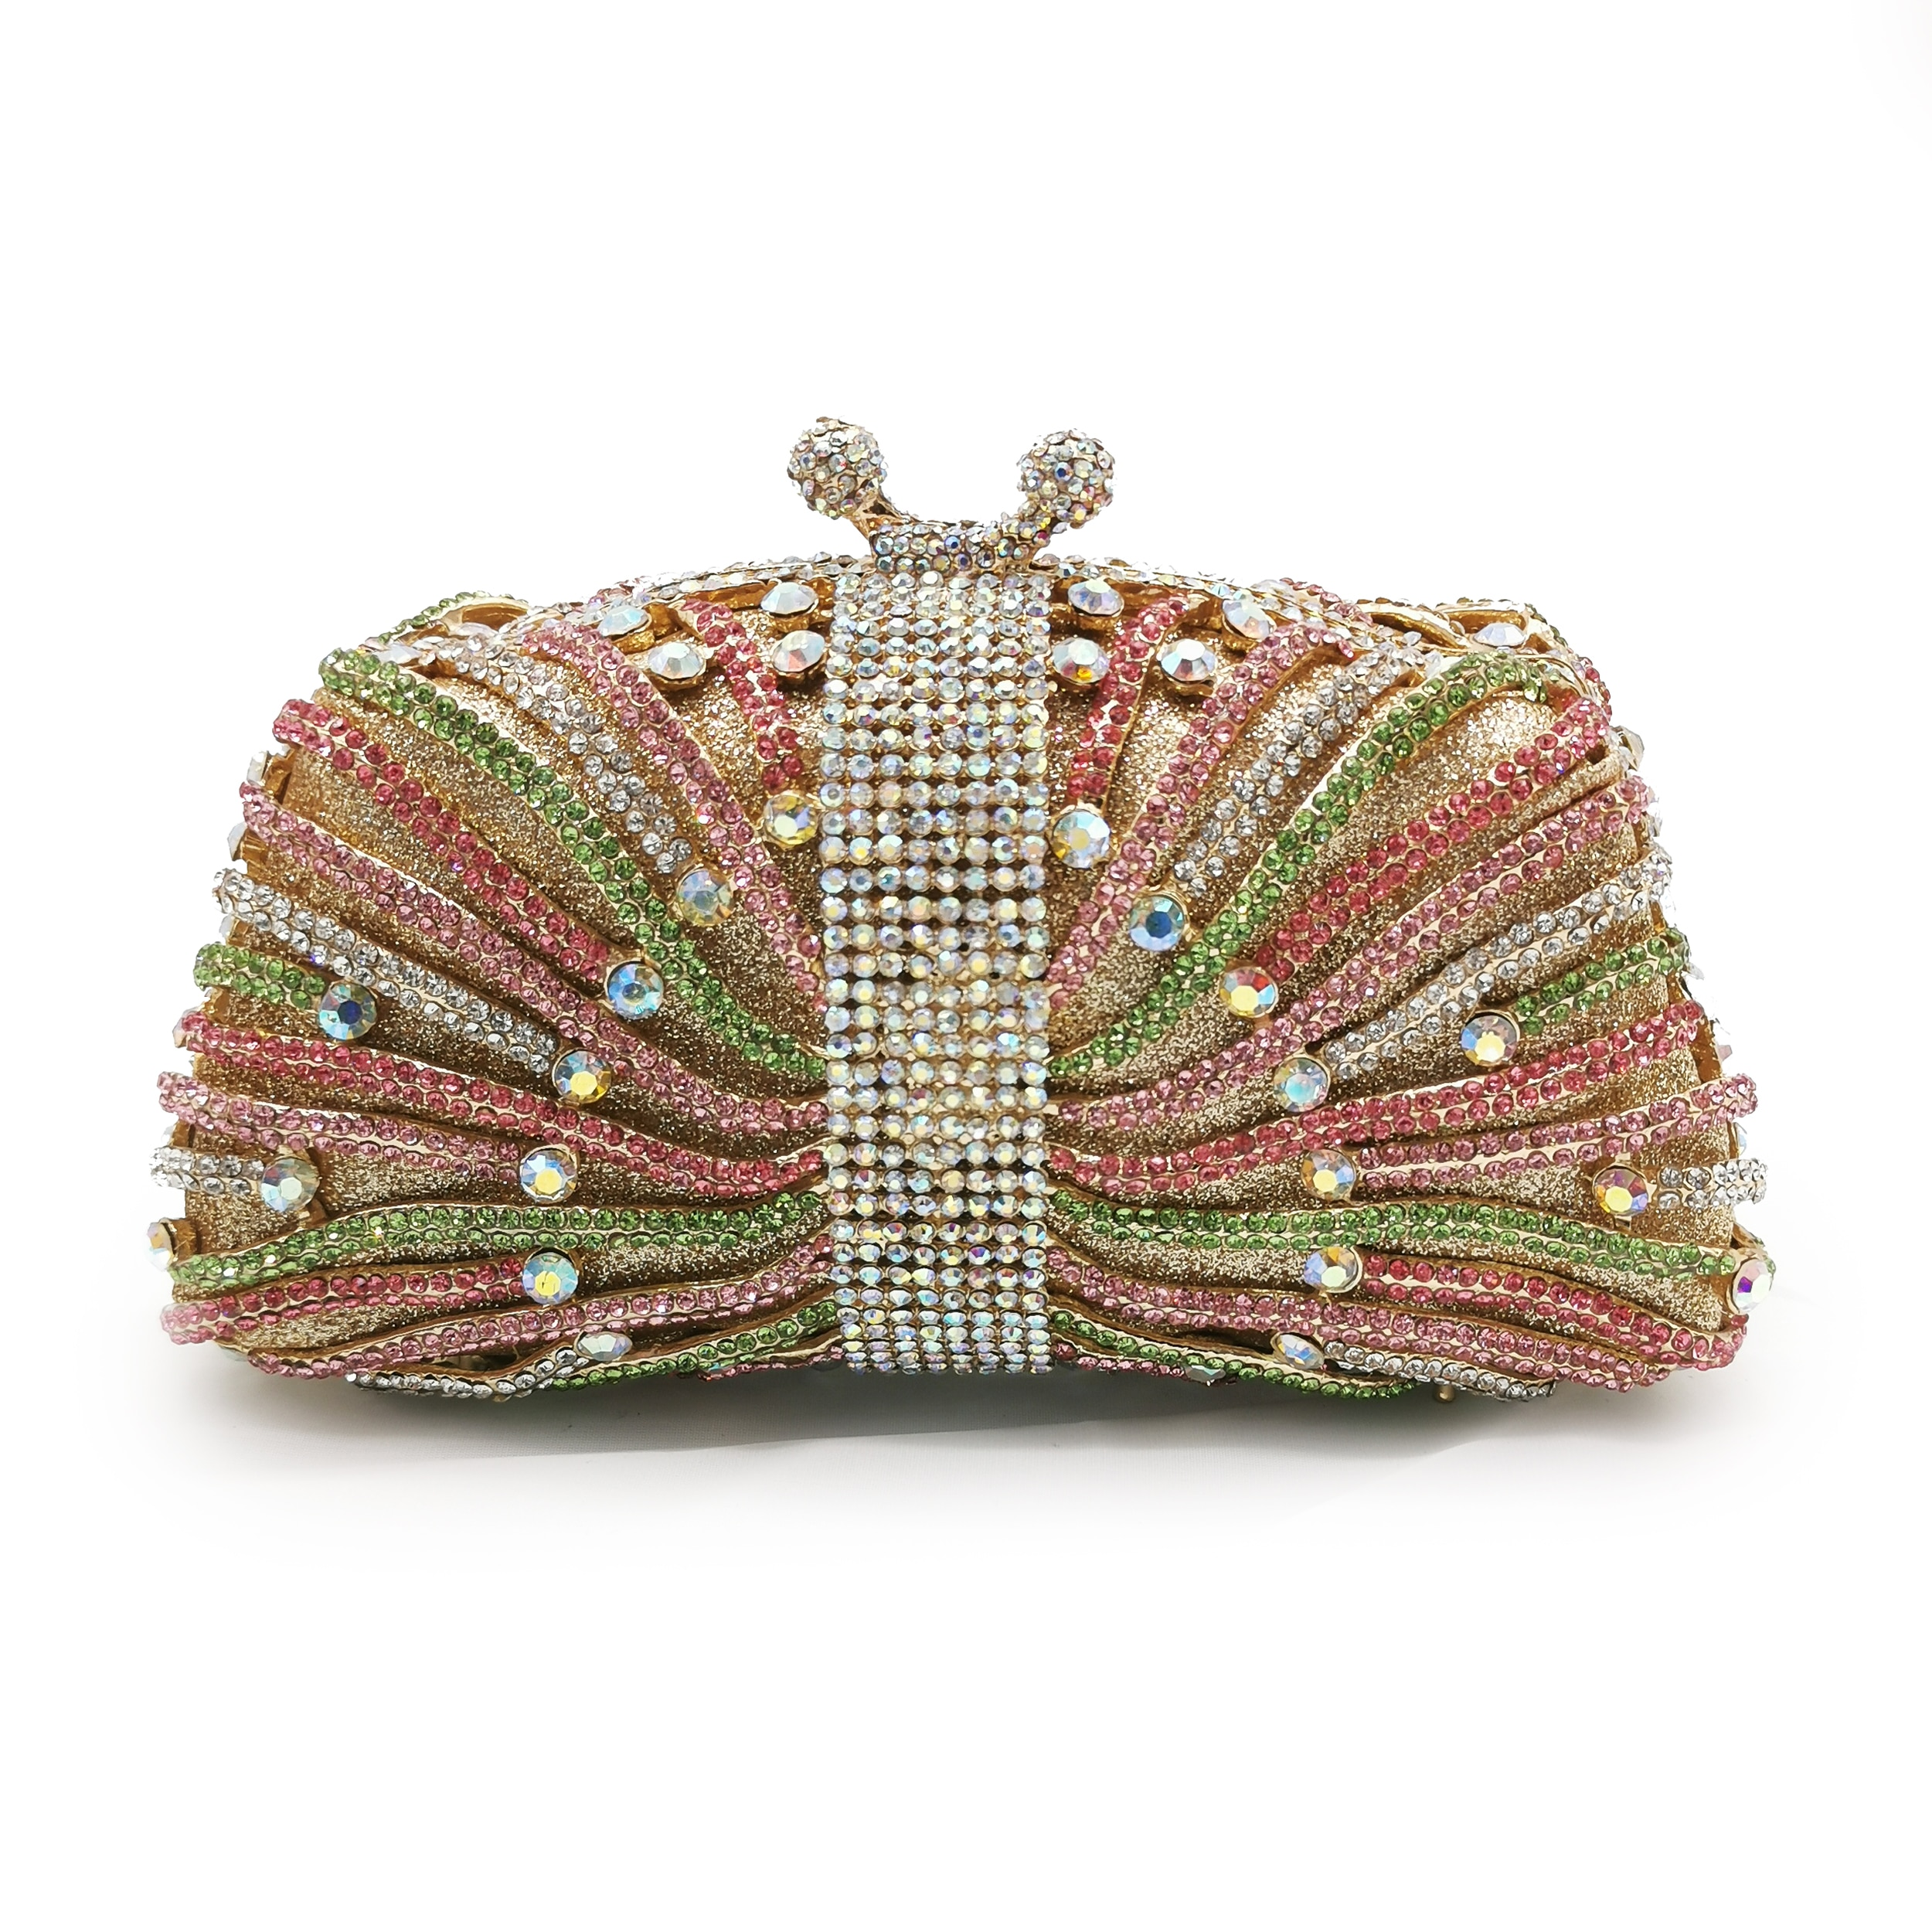 حقيبة يد فاخرة بأحجار الراين ، حمراء ، زرقاء ، خضراء ، متعددة الألوان ، 7 ألوان ، حقيبة حمل للحفلات الراقصة